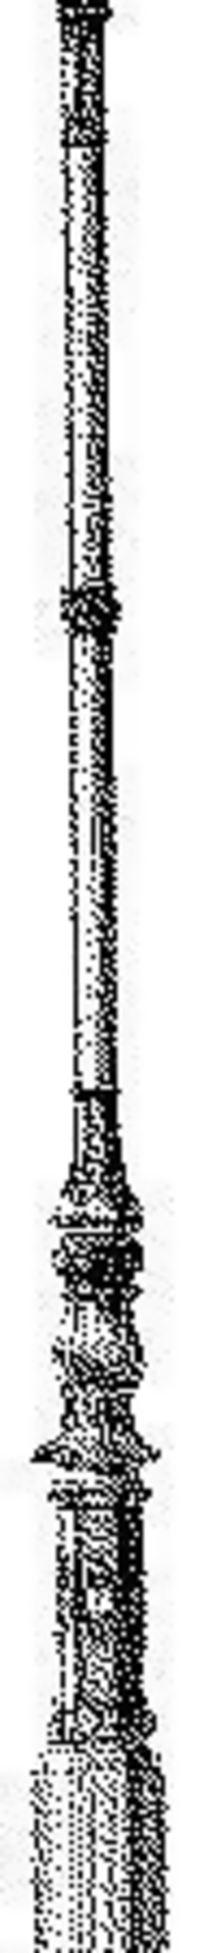 欧式花饰柱子传统图案矢量素材